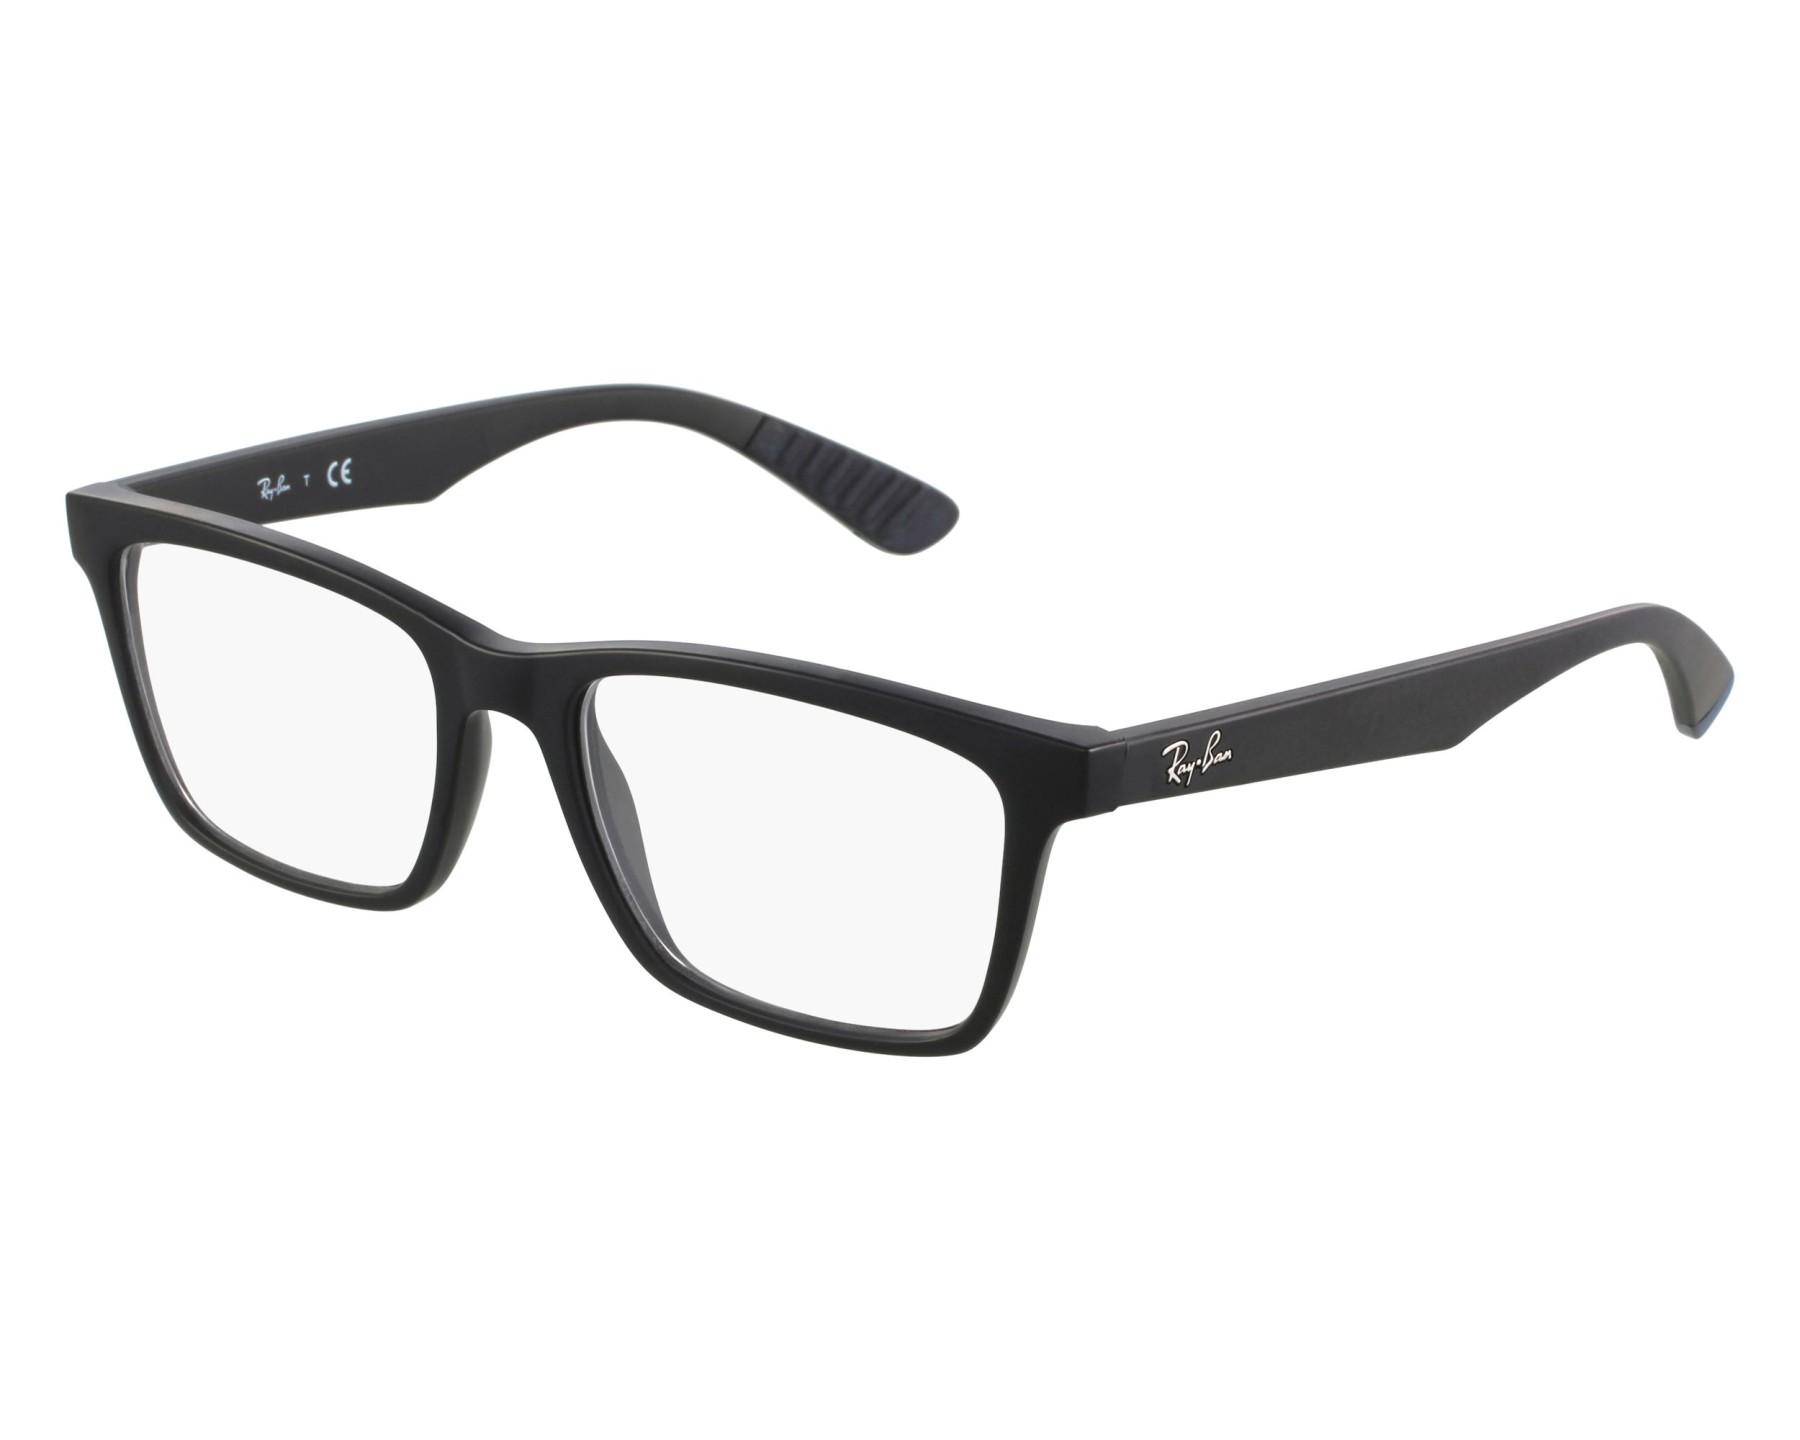 bb78fb2e87930 Gafas Graduadas Ray-Ban RX-7025 2077 53-17 Negra vista de frente